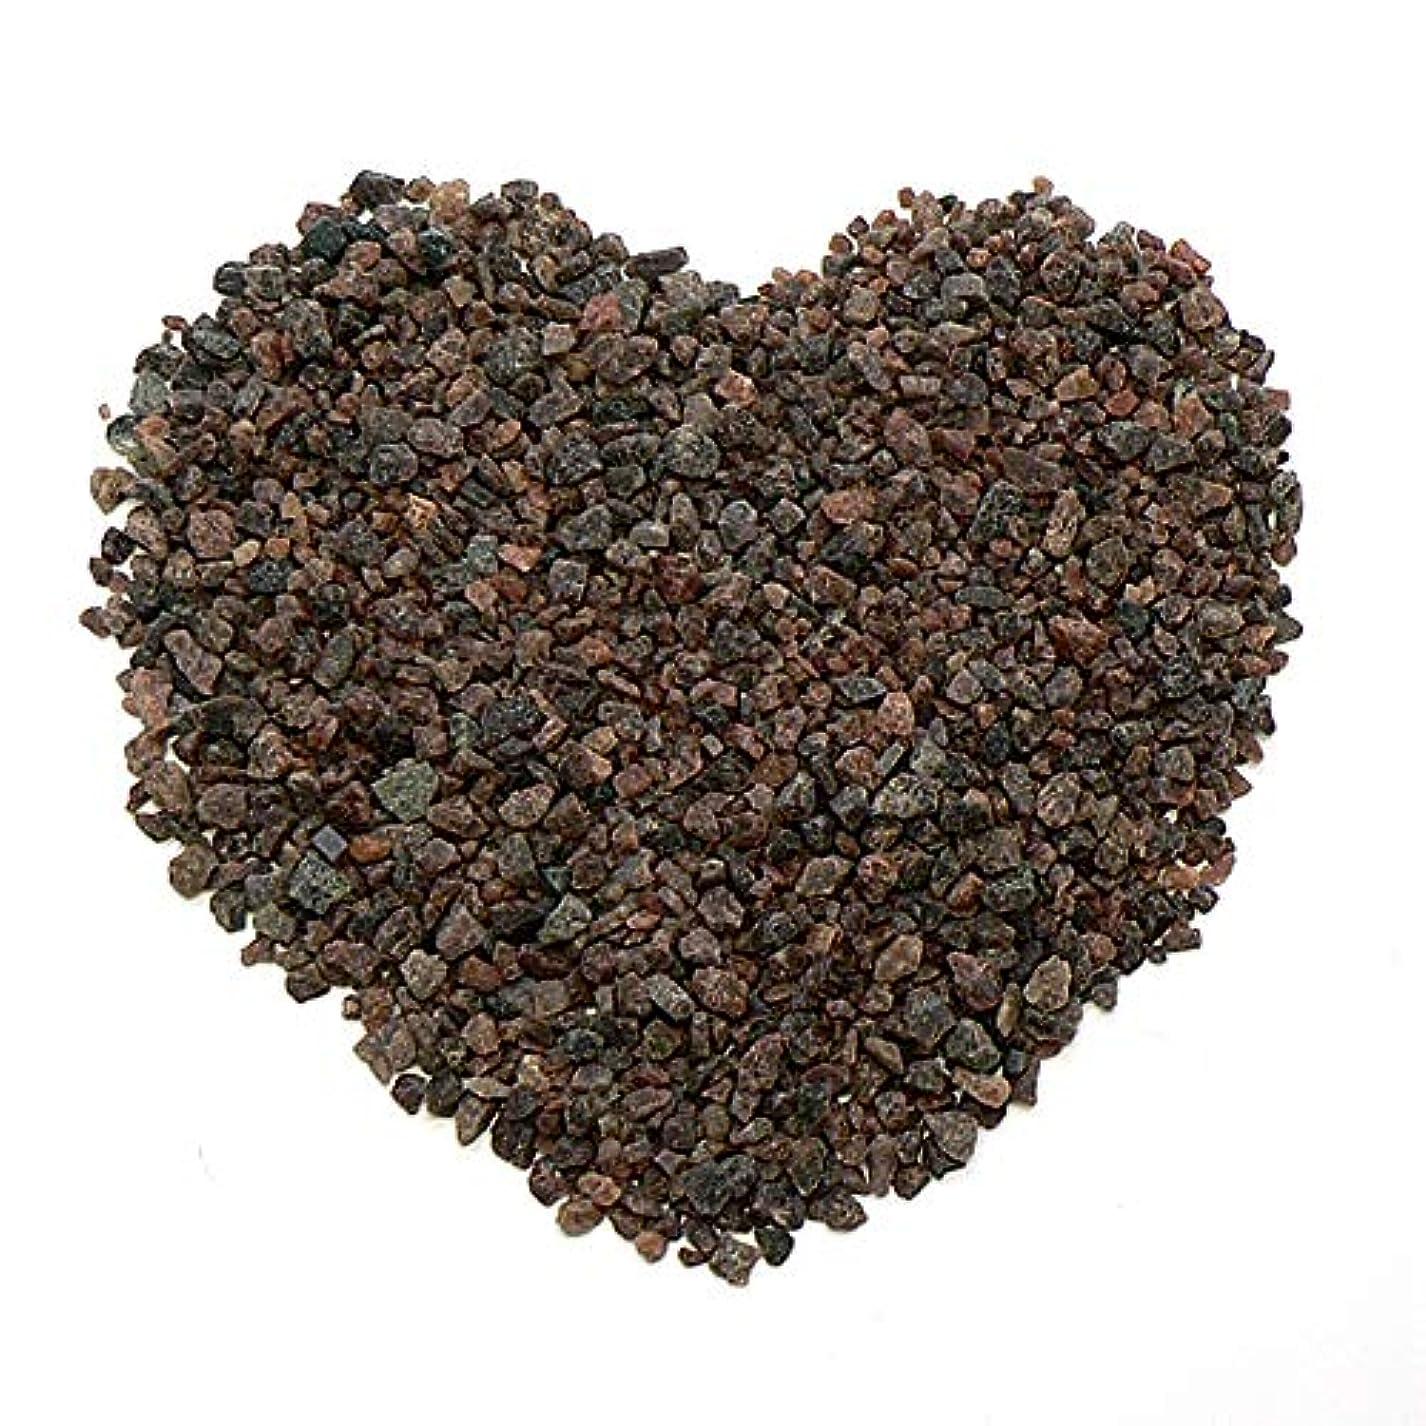 レンドスペース凝縮するヒマラヤ岩塩 ブラックソルト 入浴用 バスソルト(小粒)2kg 黒岩塩 ブラック岩塩